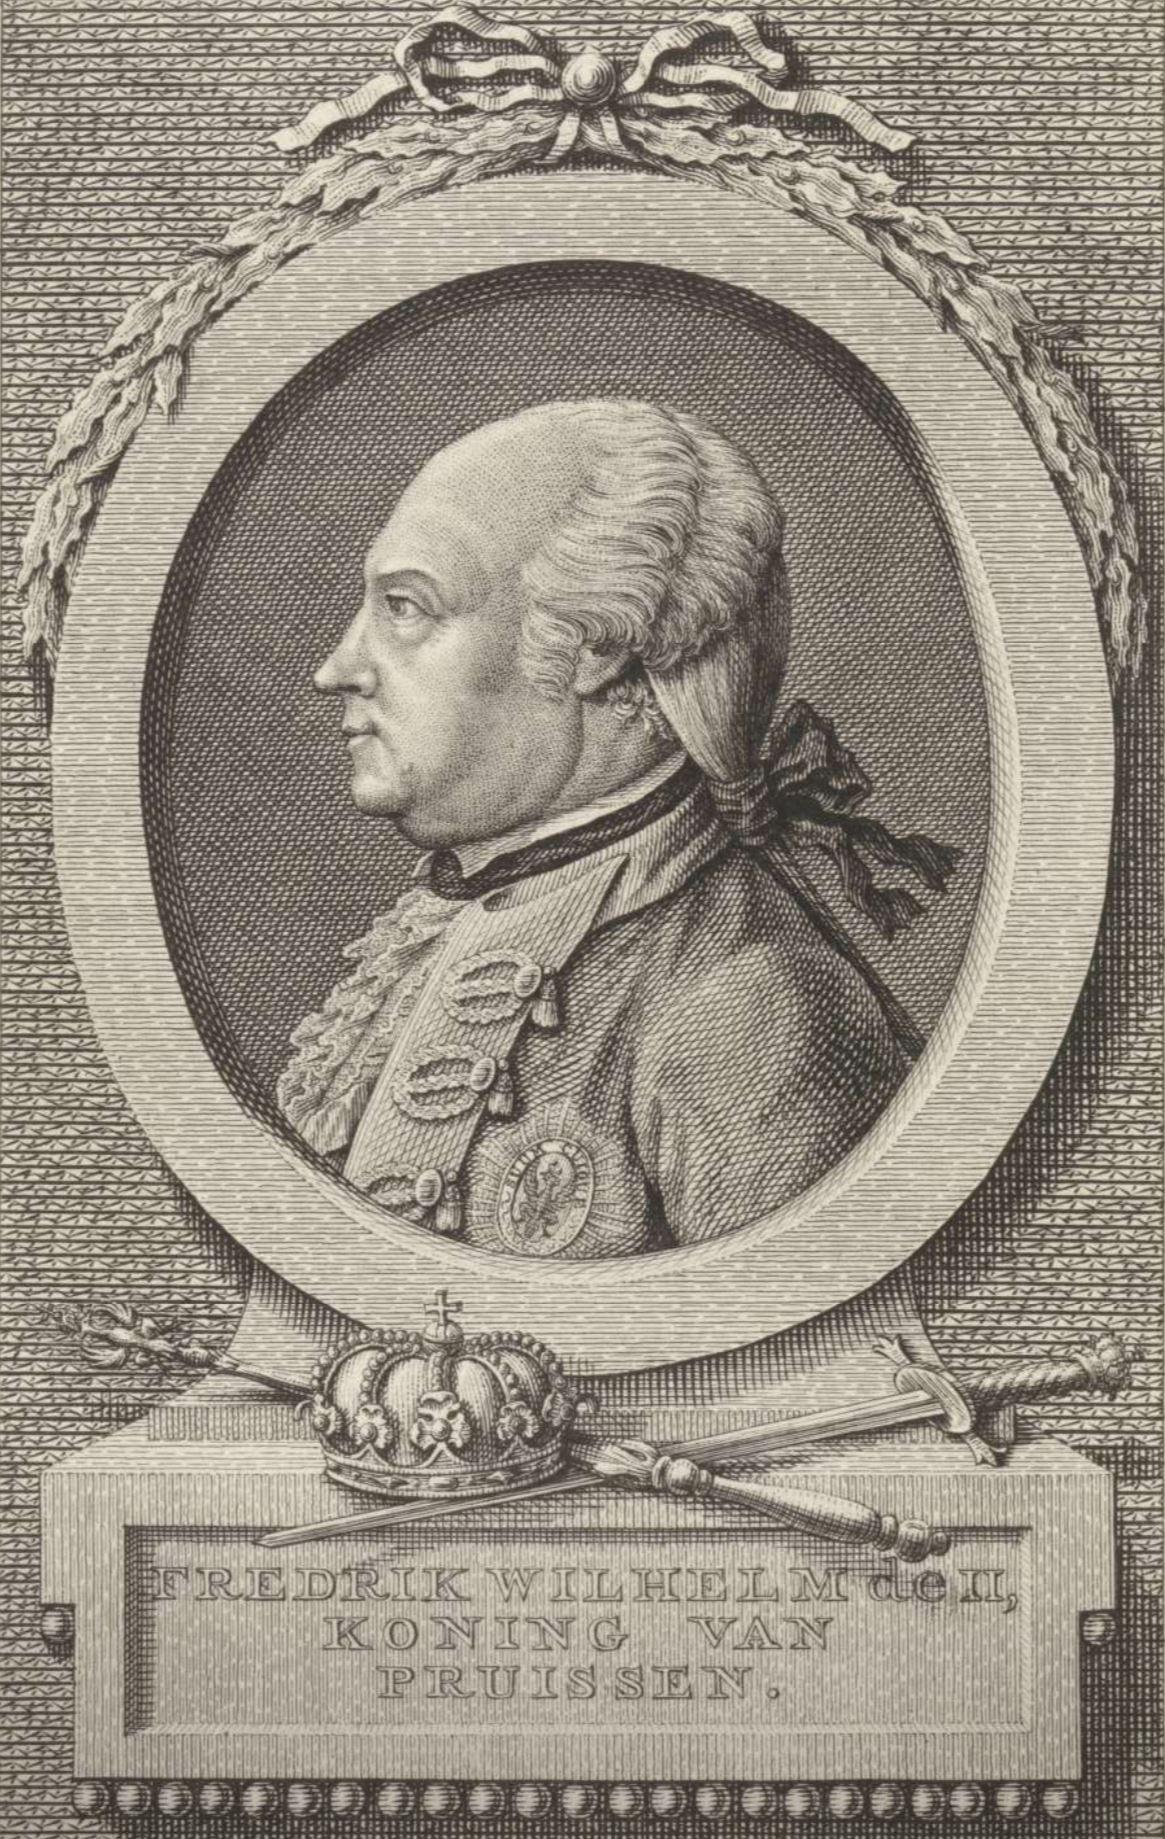 Frederik Willem II van Pruisen